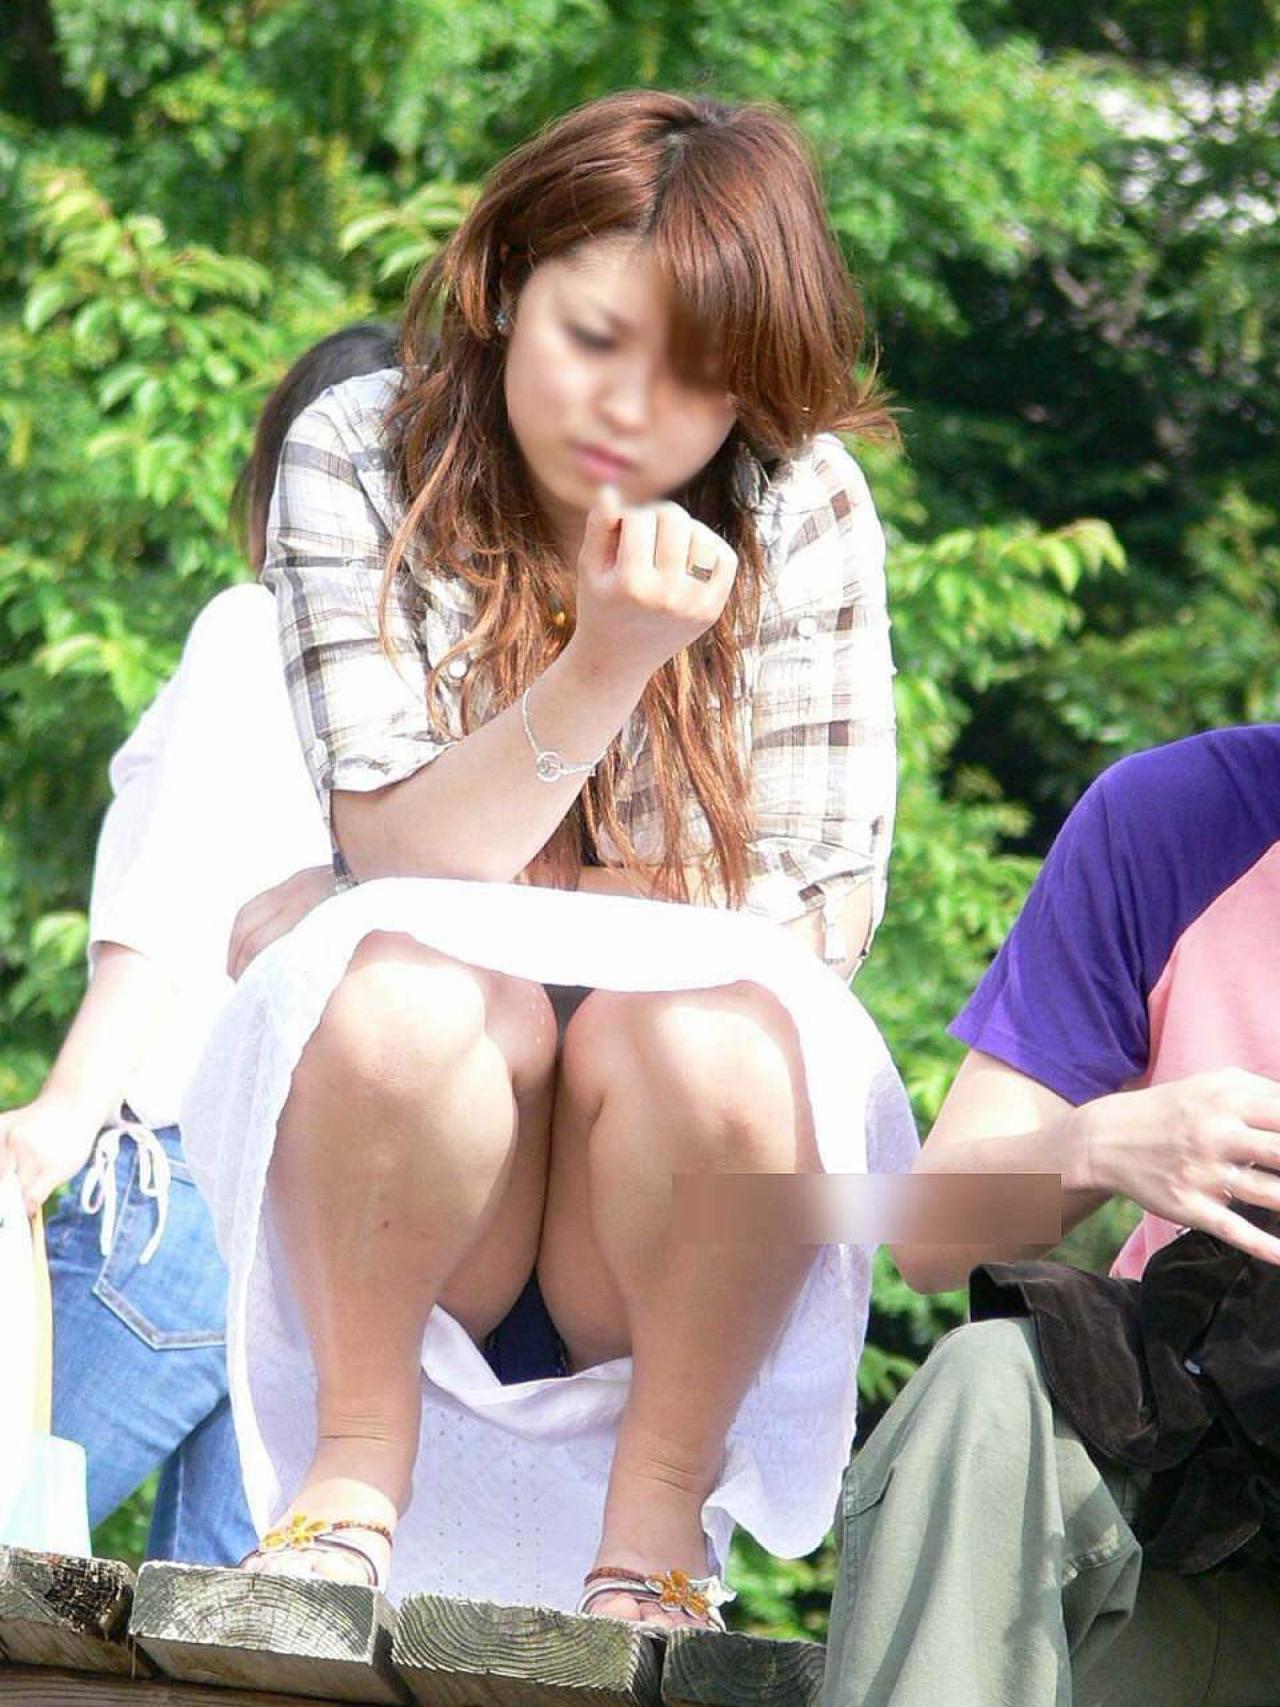 【パンチラエロ画像】そんな簡単でいいの?見せ過ぎ傾向な座りチラ女子www 11